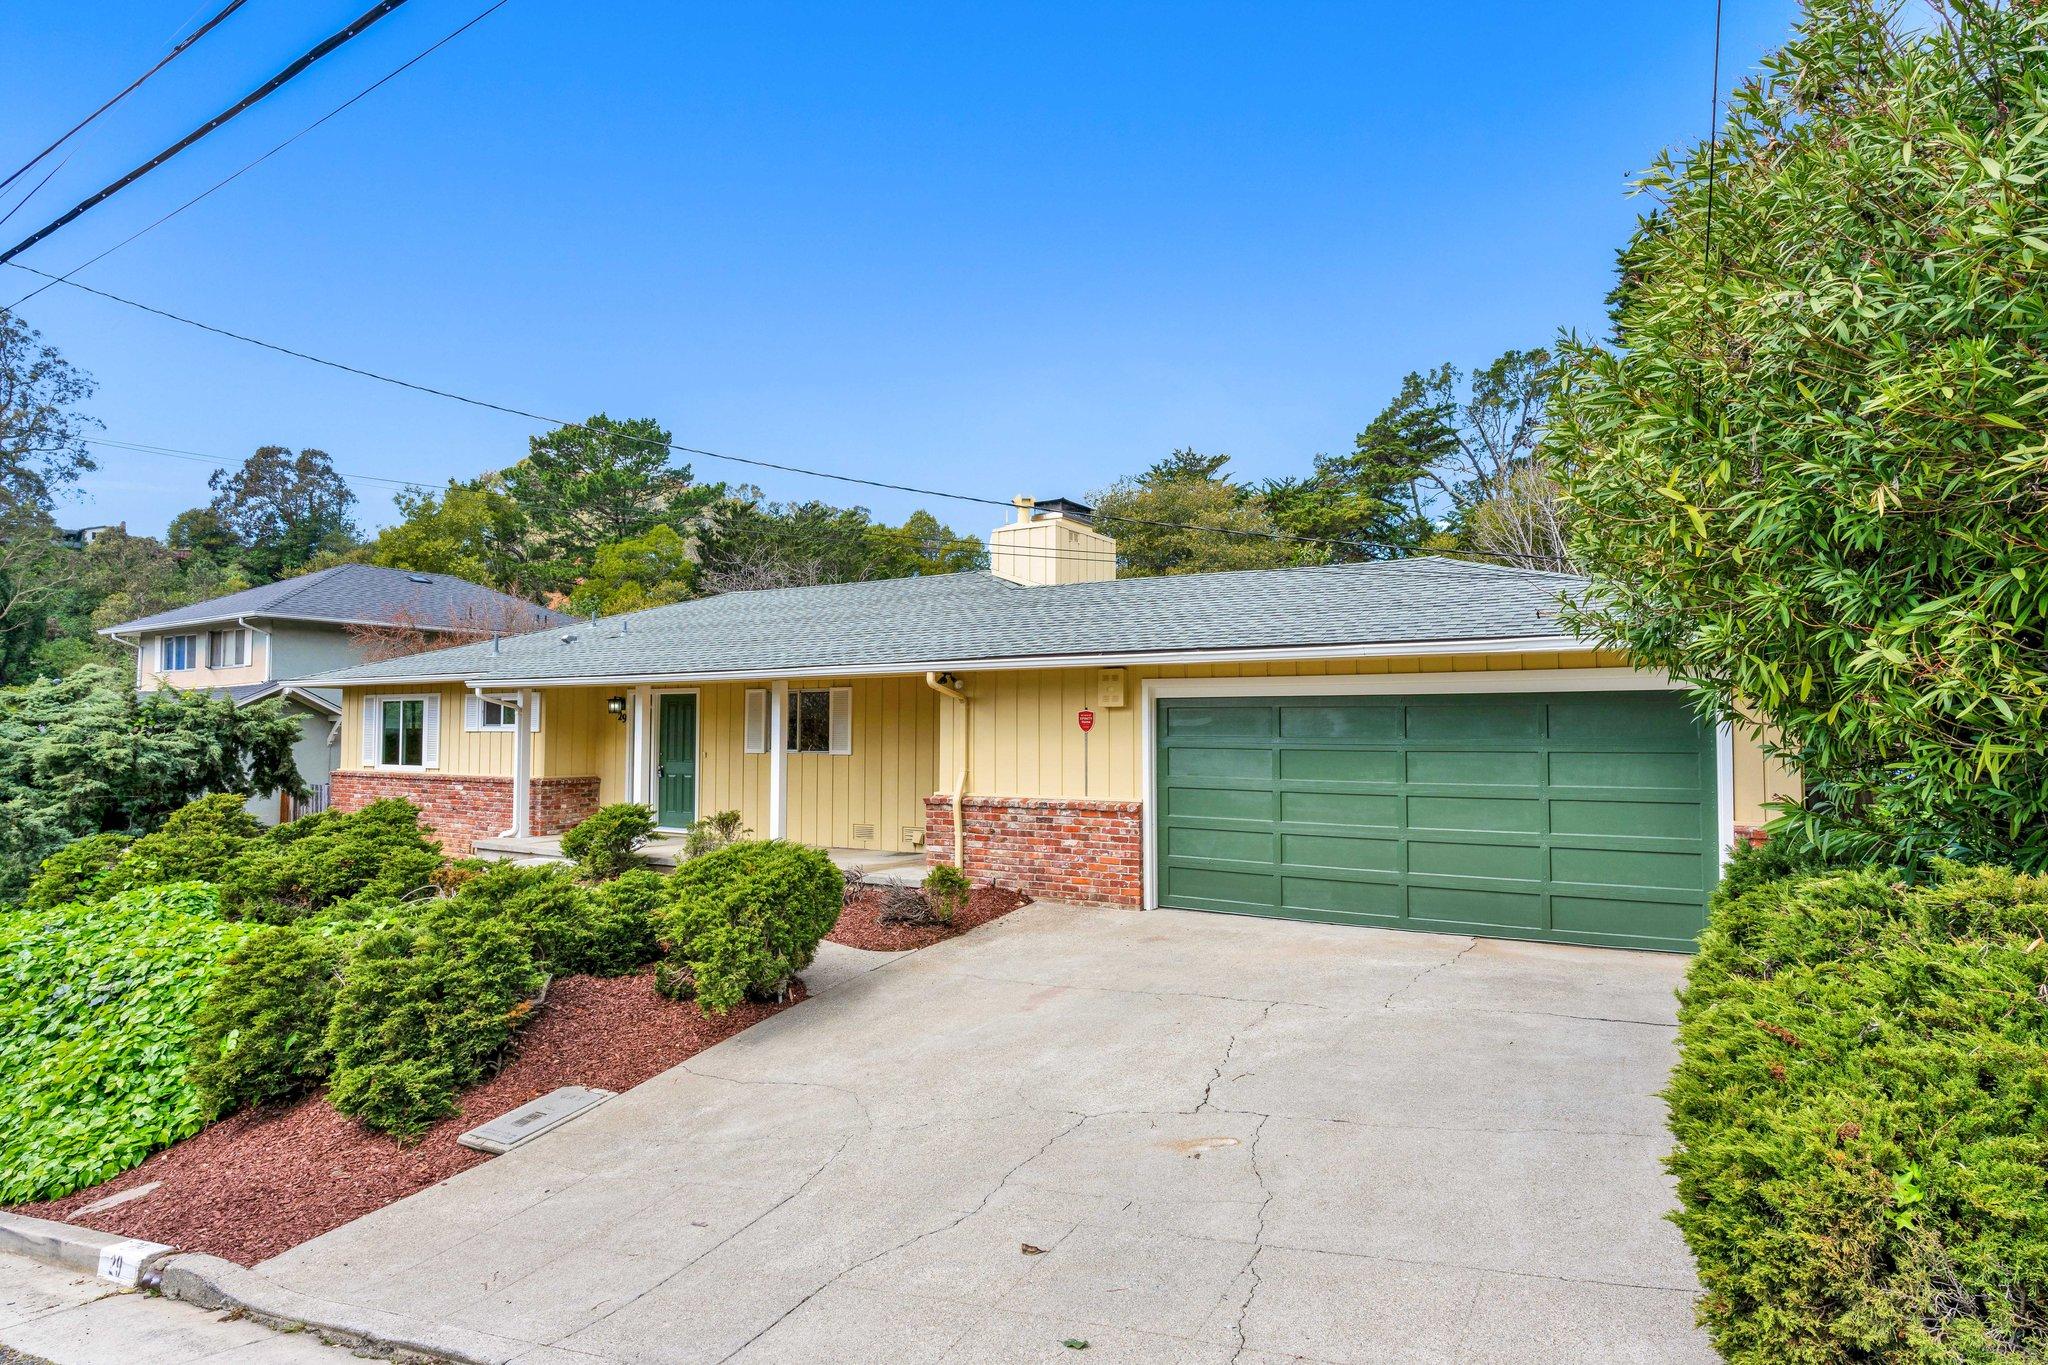 29 Woodcrest Cir, Oakland, CA 94602, US